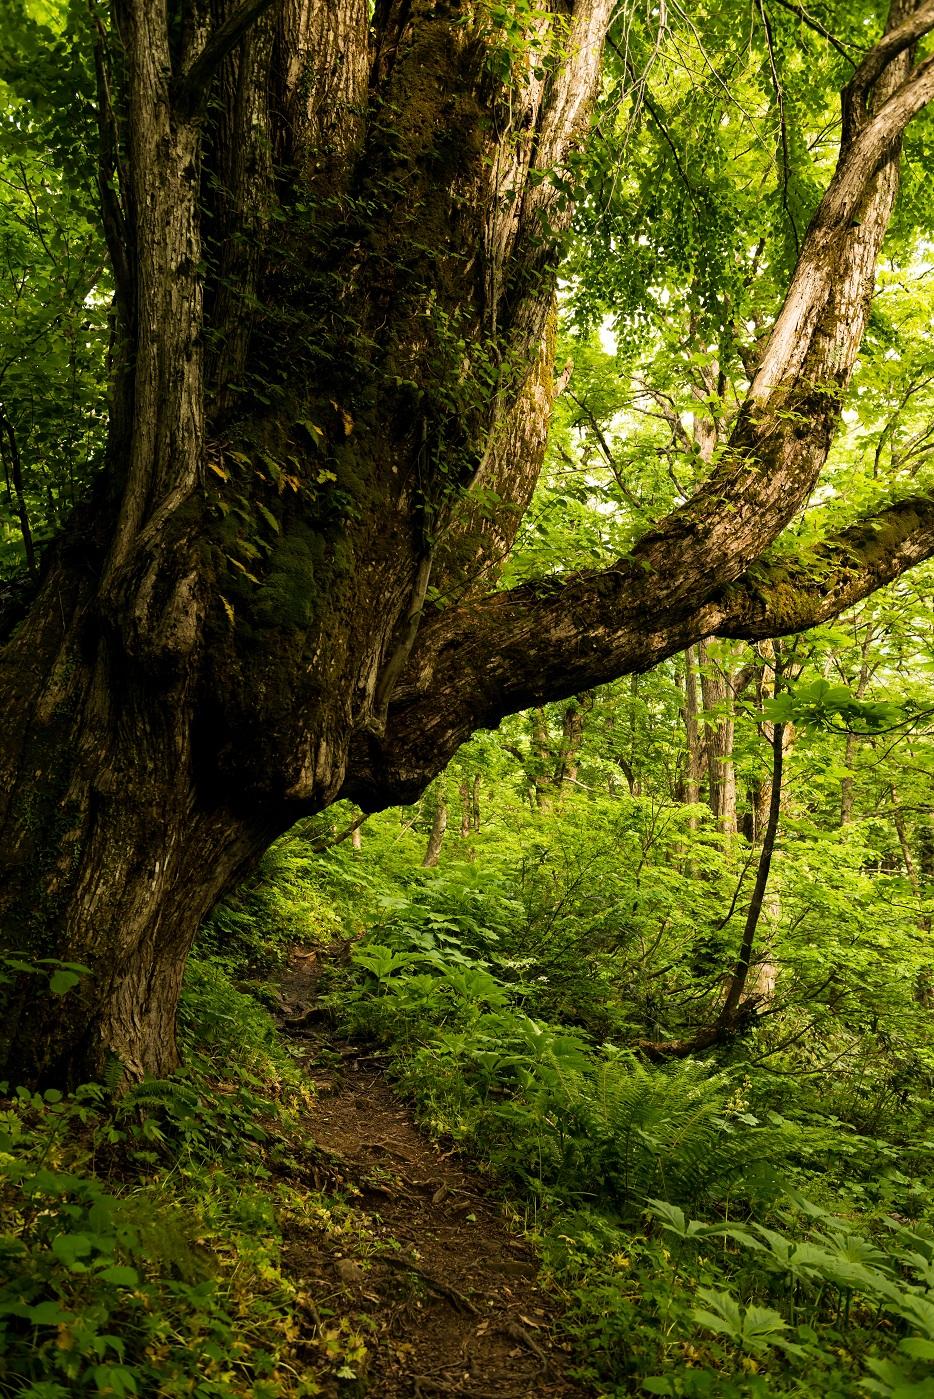 2015.06.11チブリ尾根のブナ原生林と白山眺望2